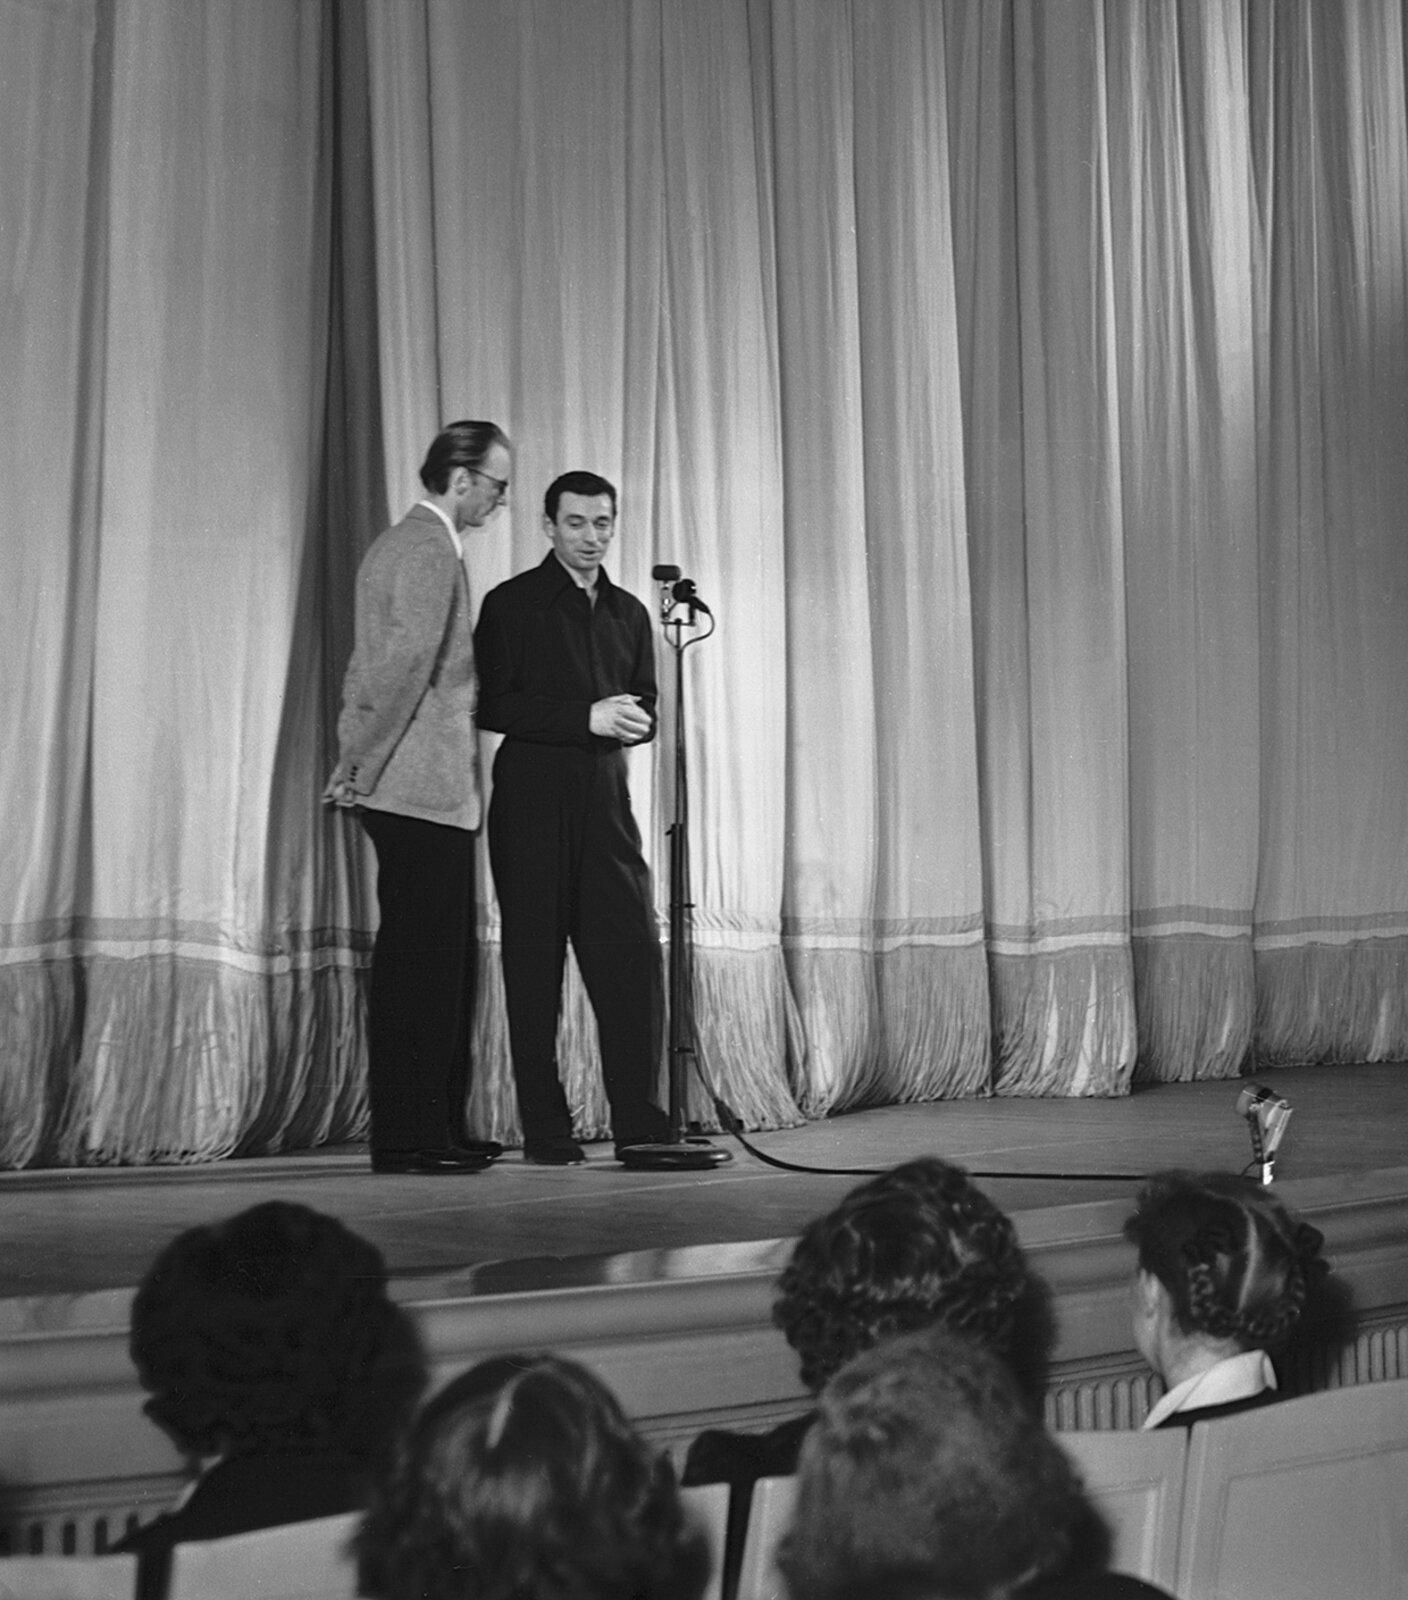 Французский певец-шансонье, актер Ив Монтан (справа), приехавший на III Московский международный кинофестиваль, во время выступления. Фото Б. Трепетова. 7–21 июля 1963 года. Главархив Москвы